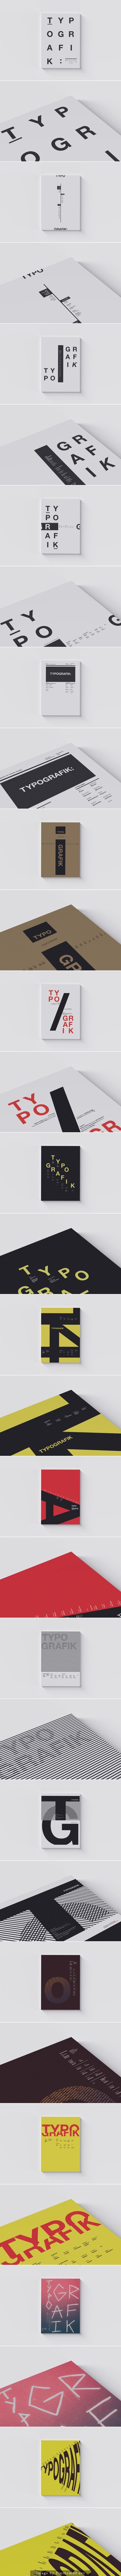 Typografik cover designs